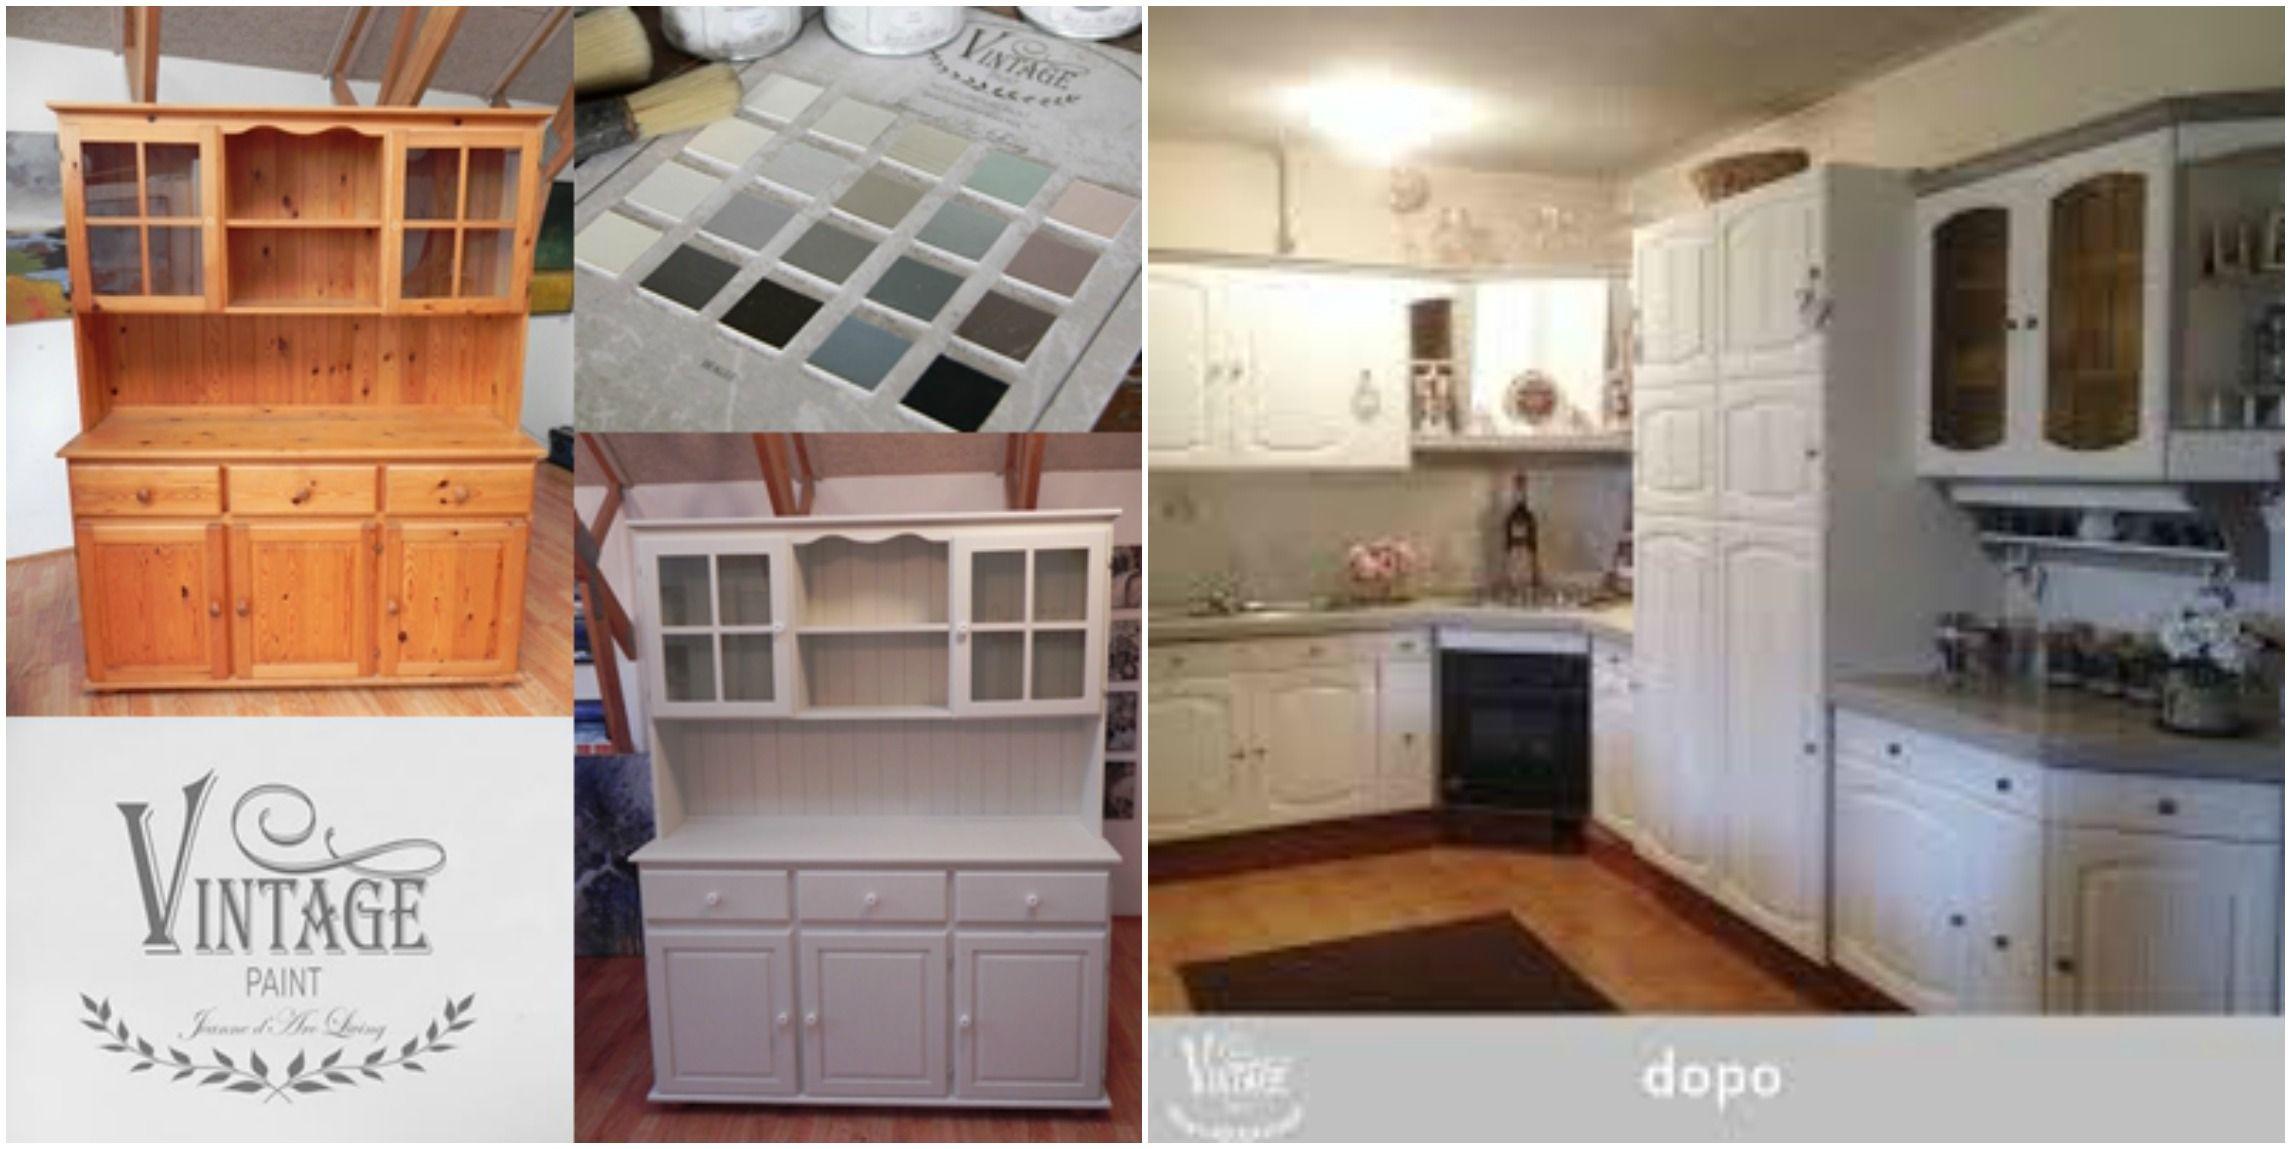 Cambia colore e rinnova i tuoi mobili (stile vintage e shabby) con un solo prodotto